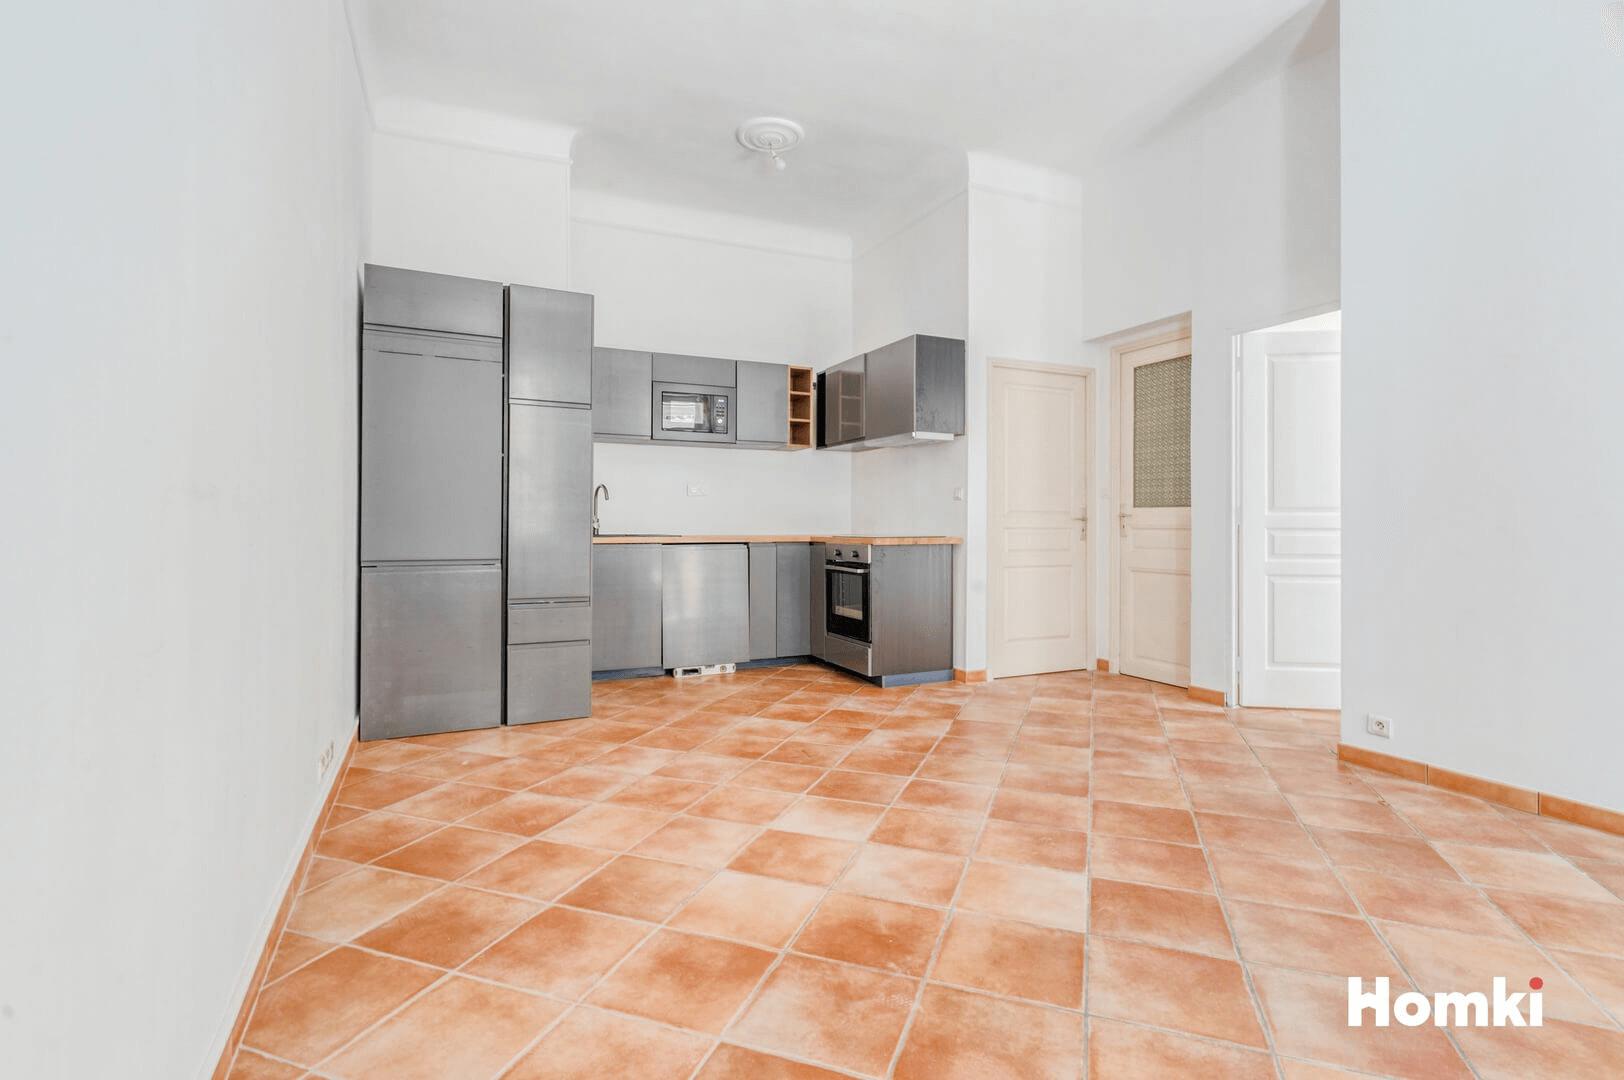 Homki - Vente Appartement  de 71.0 m² à Marseille 13005